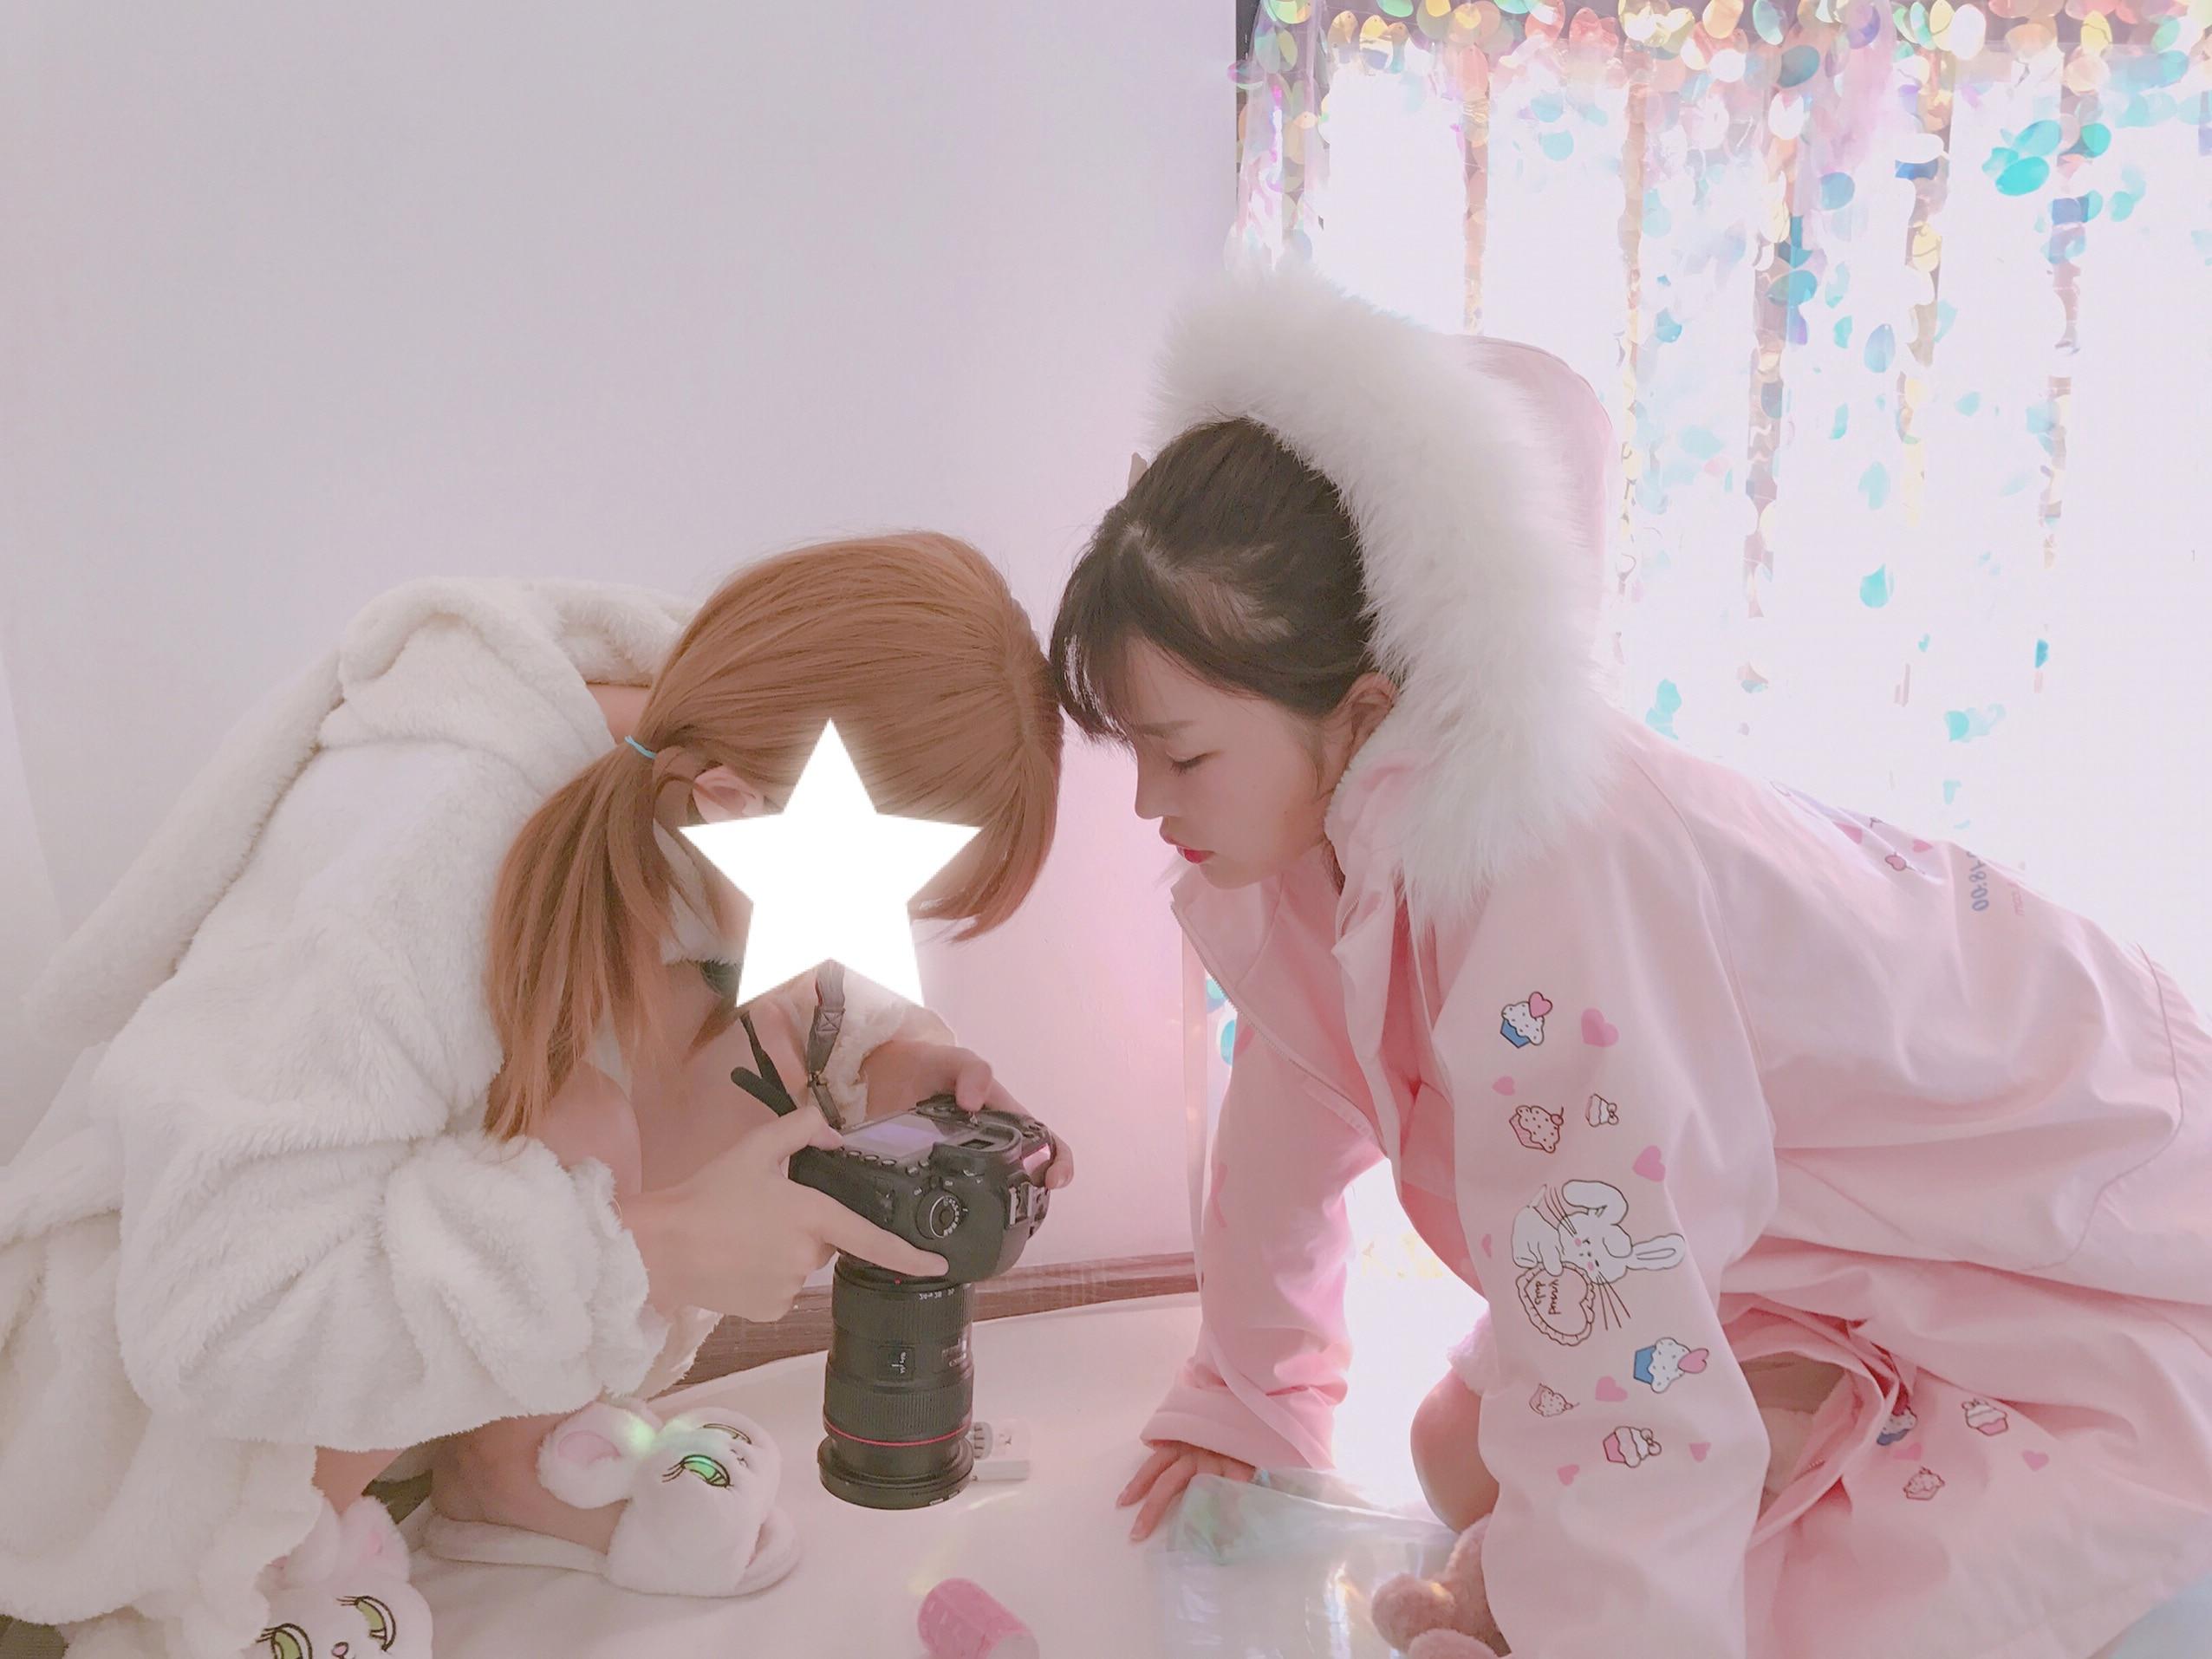 Super Cute Inverno delle Donne Kawaii Rosa Addensare Parka Cappotto Manica  Lunga Faux Cappello di Pelliccia di Coniglio Del Fumetto Del Modello Lolita  ... 5ad047c729d6